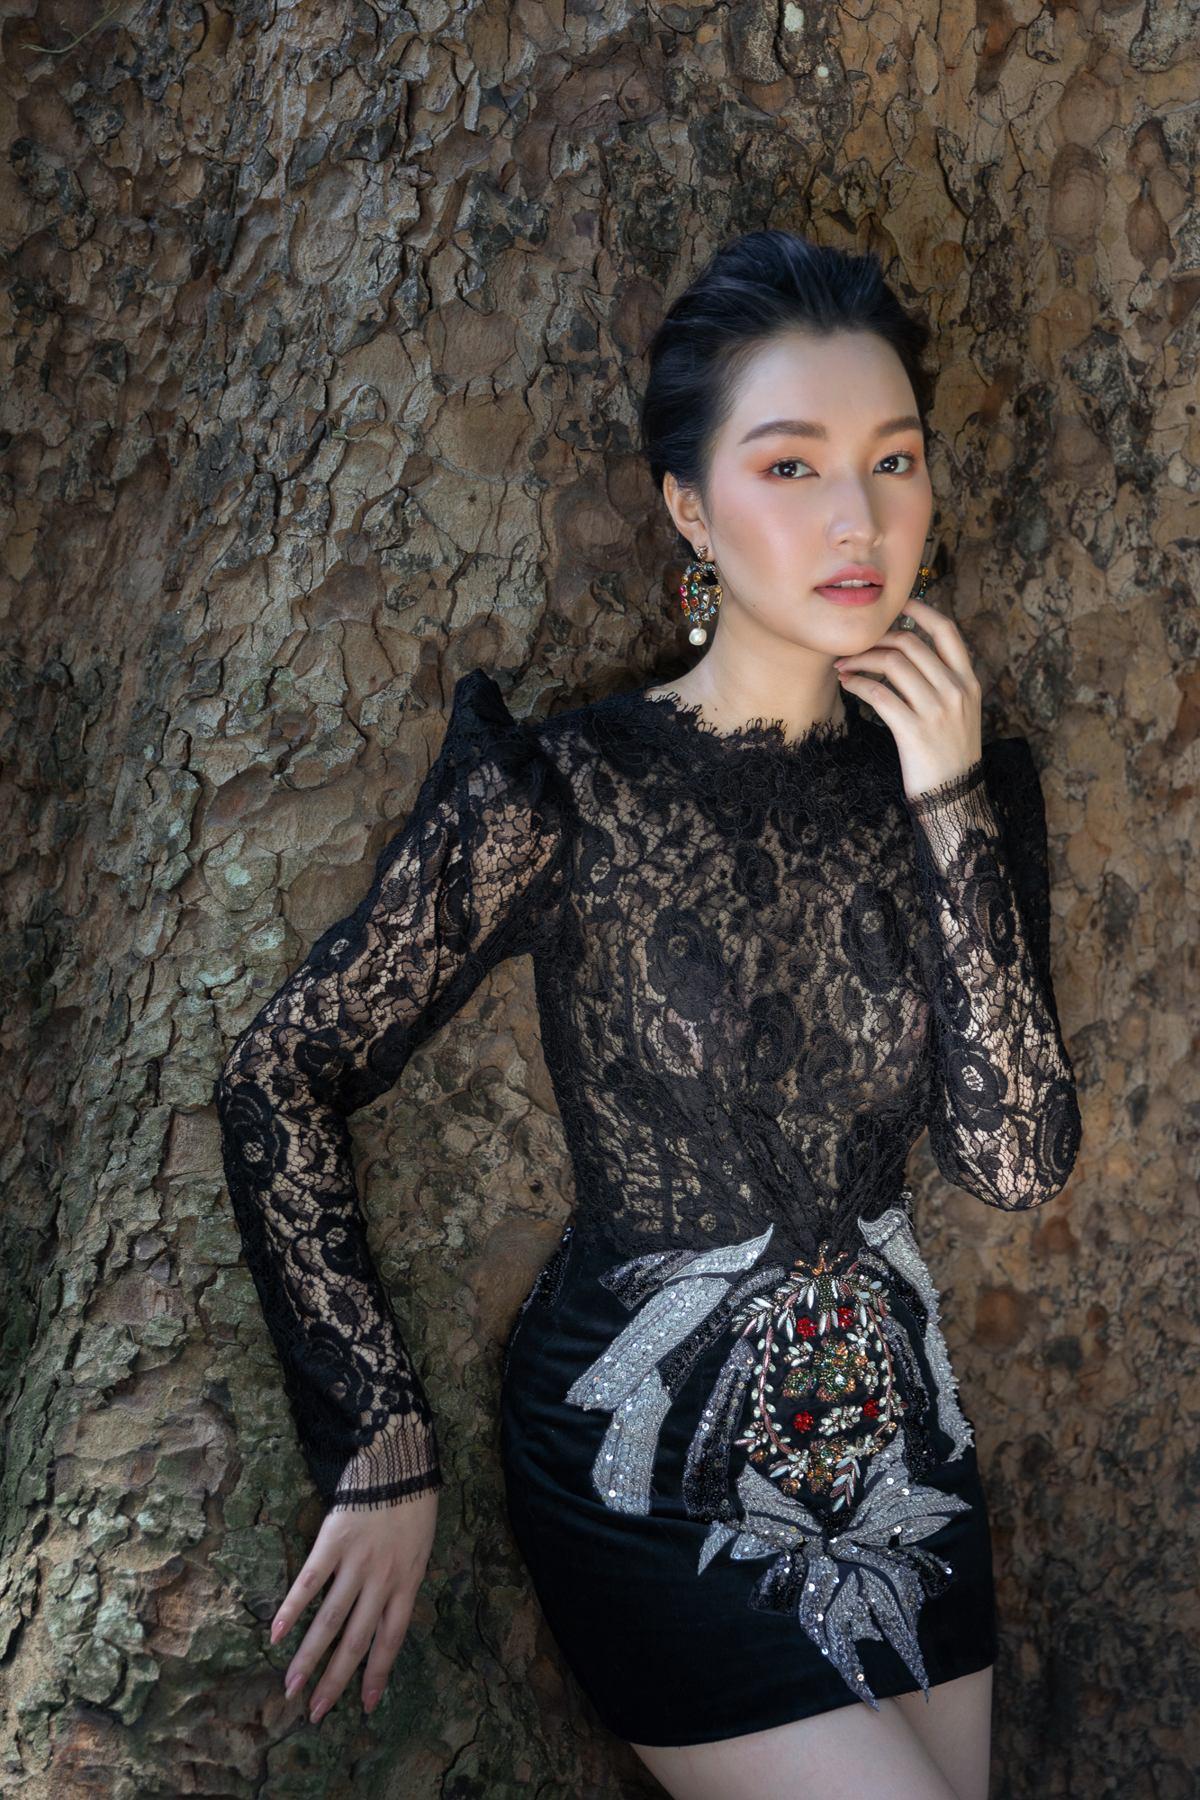 'Nàng thơ xứ Huế' Ngọc Trân cuốn hút với nét mơ màng trong loạt váy áo e ấp Ảnh 22